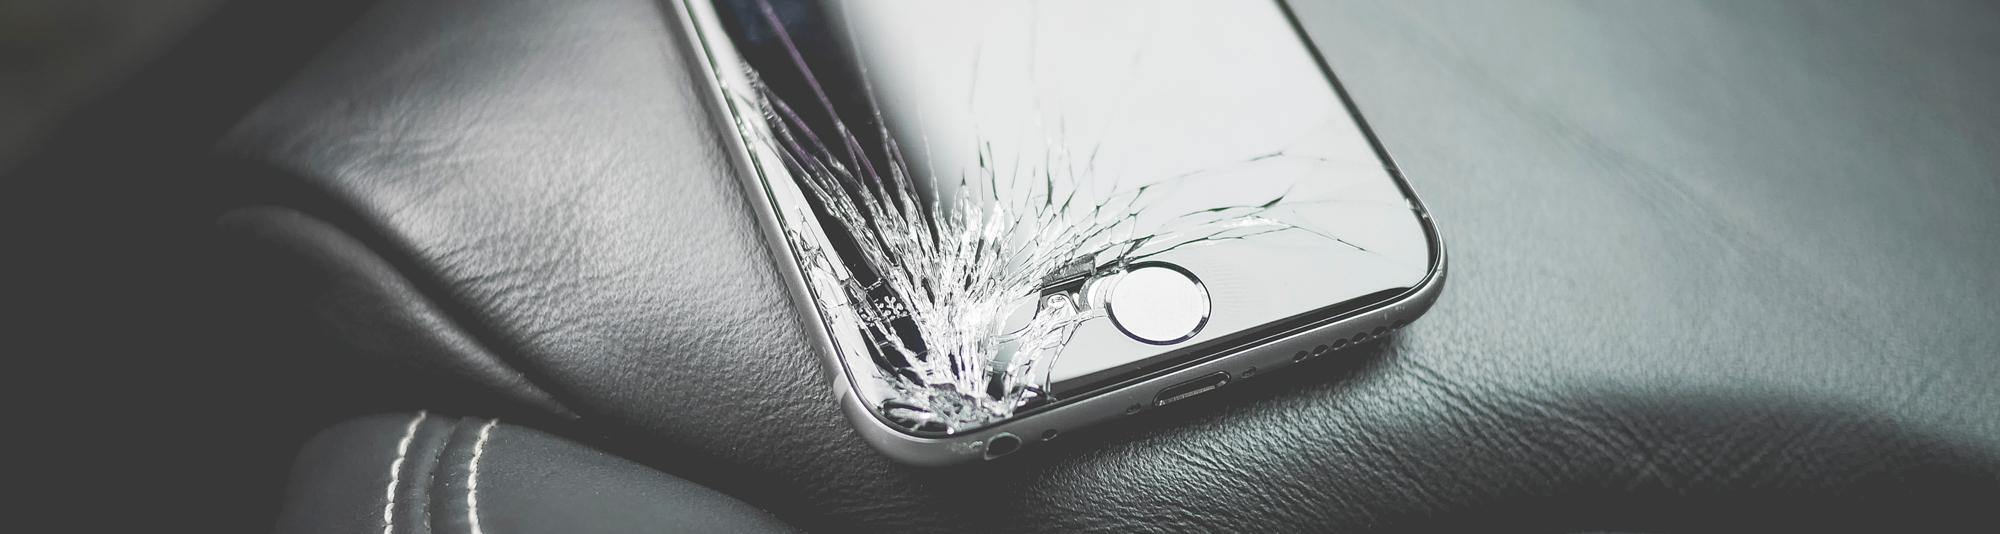 iphone roto 1